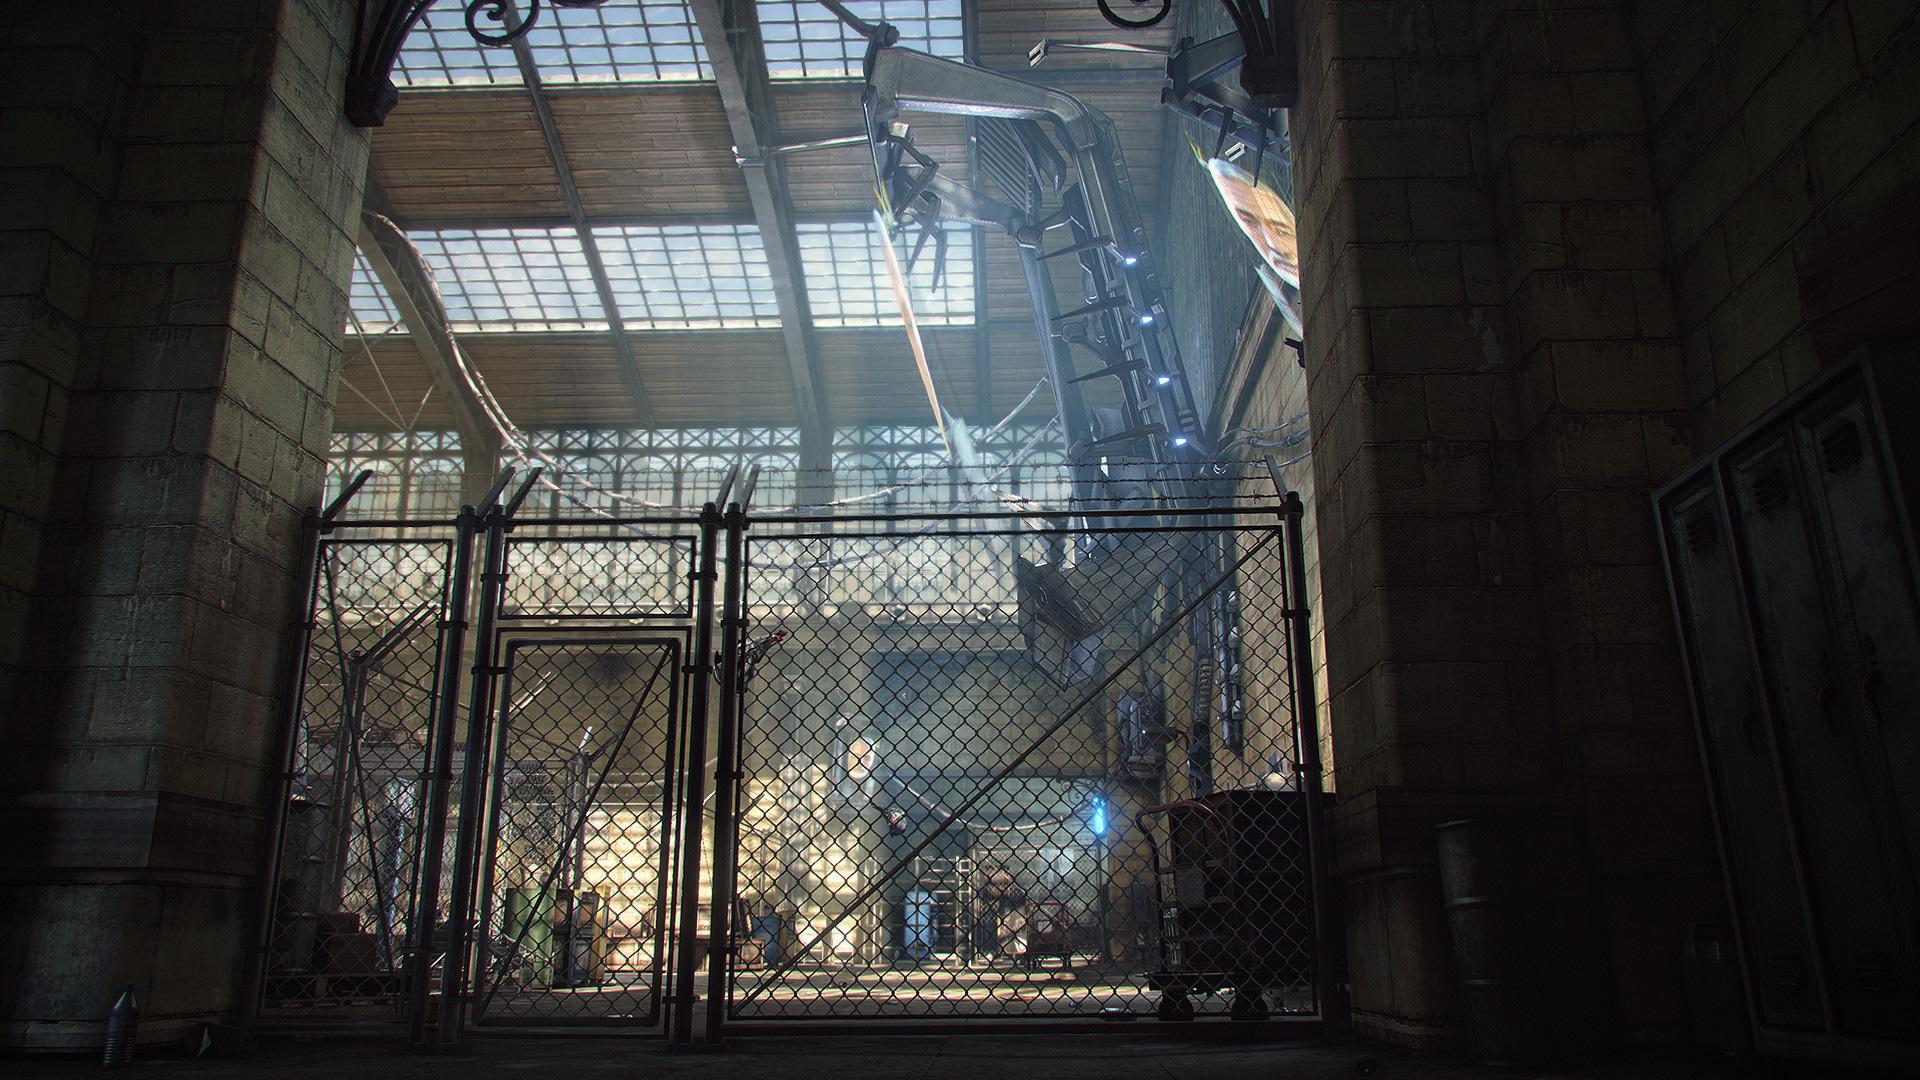 Lộ diện hình ảnh của Half-Life 2 trên Unreal Engine 3 2